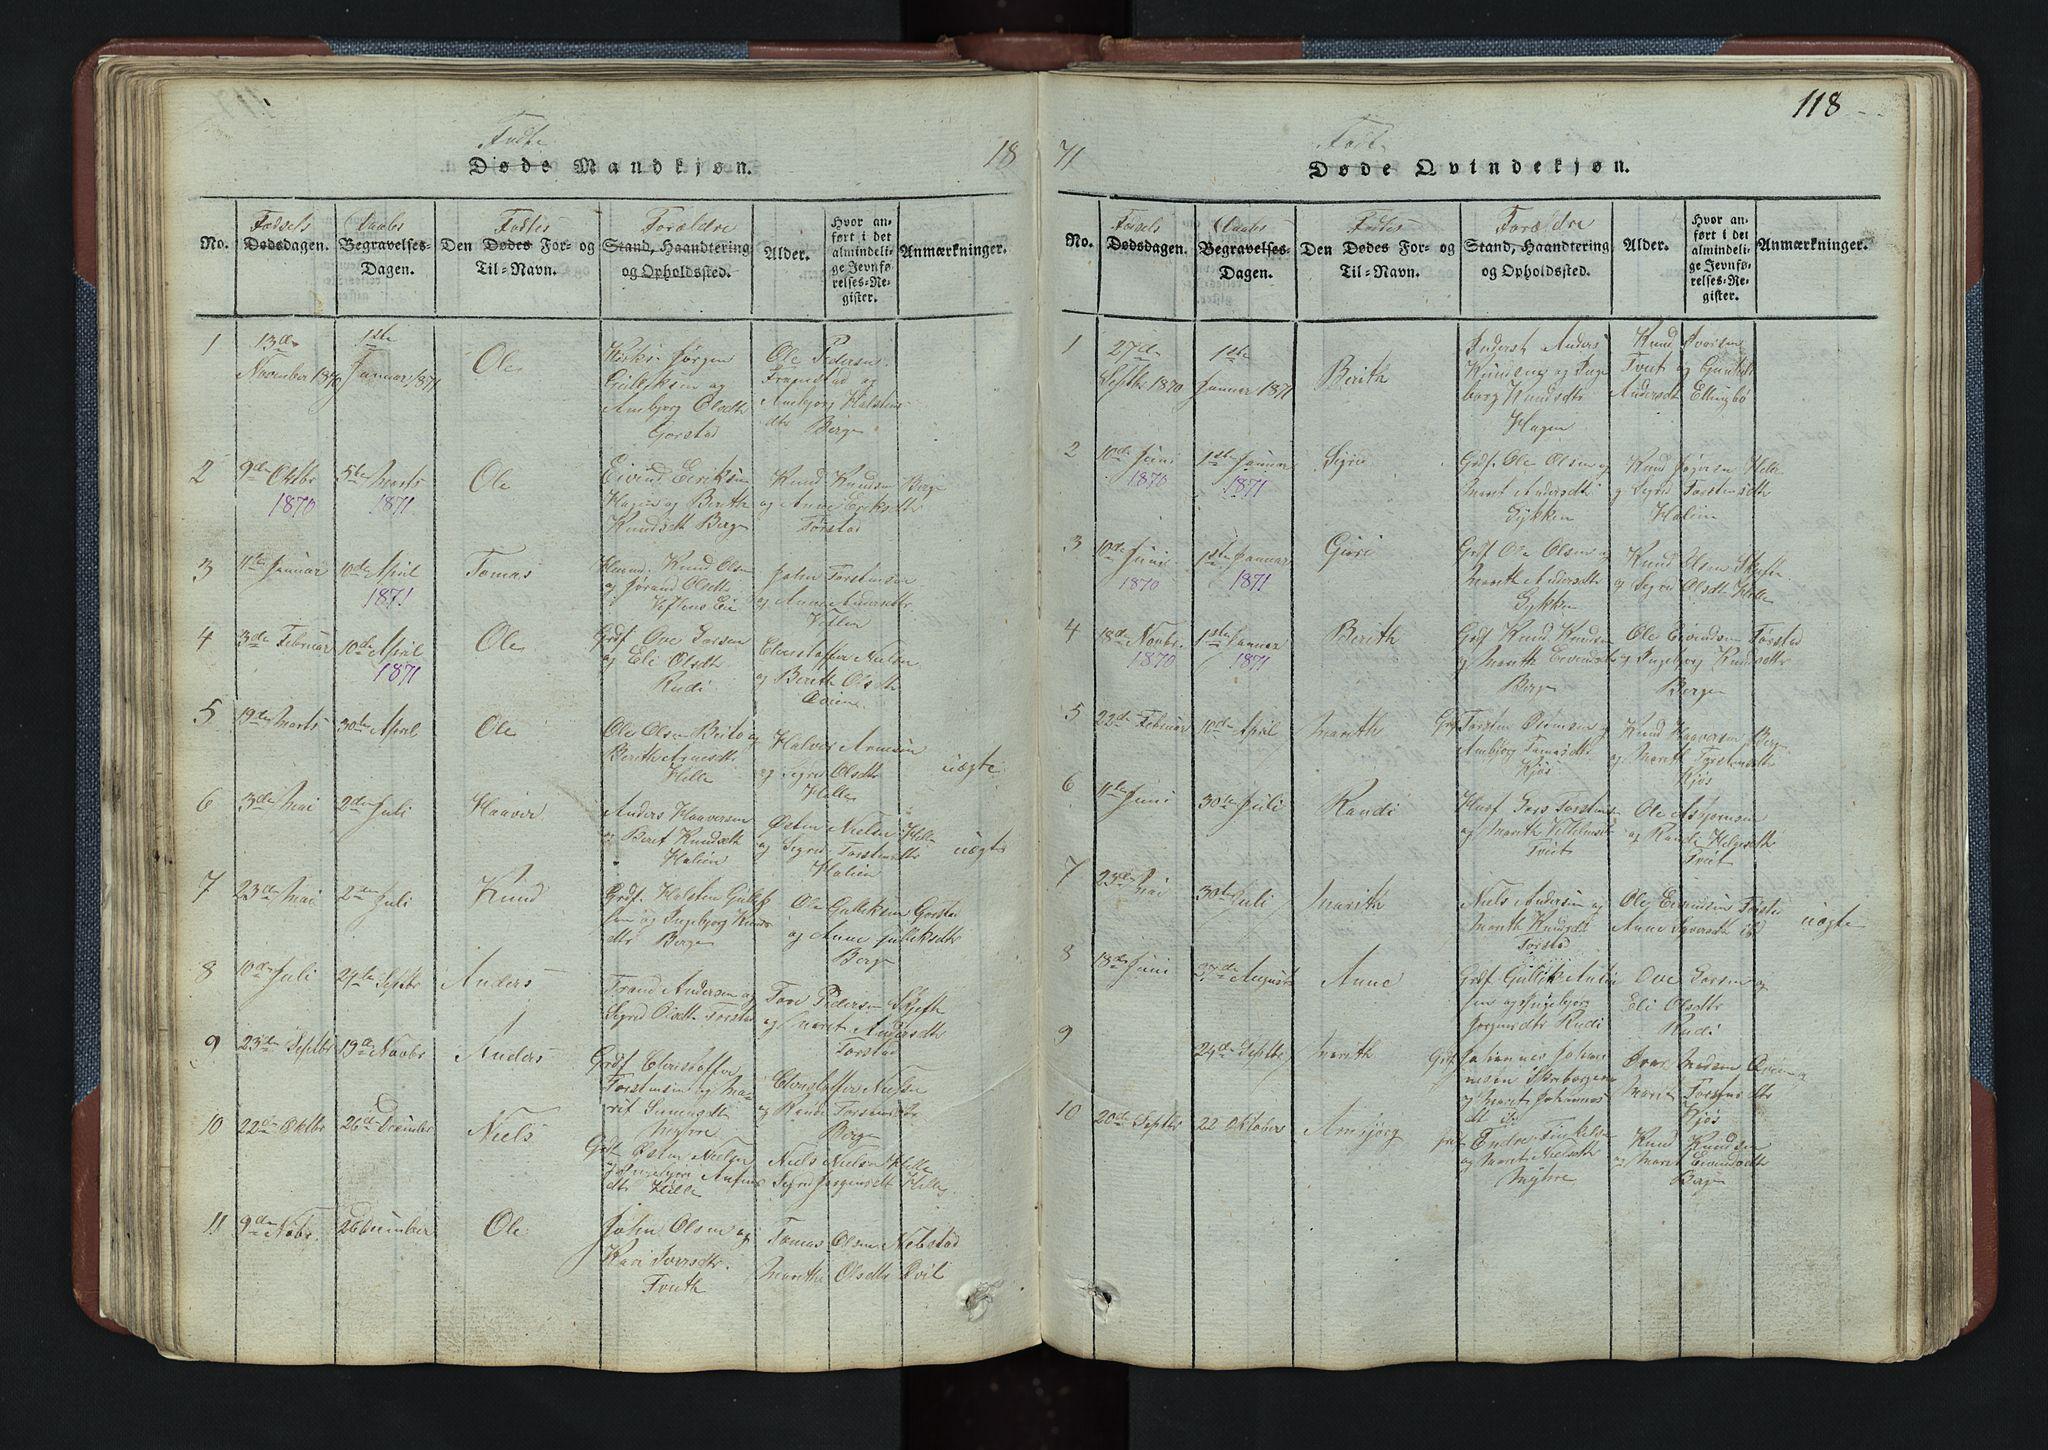 SAH, Vang prestekontor, Valdres, Klokkerbok nr. 3, 1814-1892, s. 118